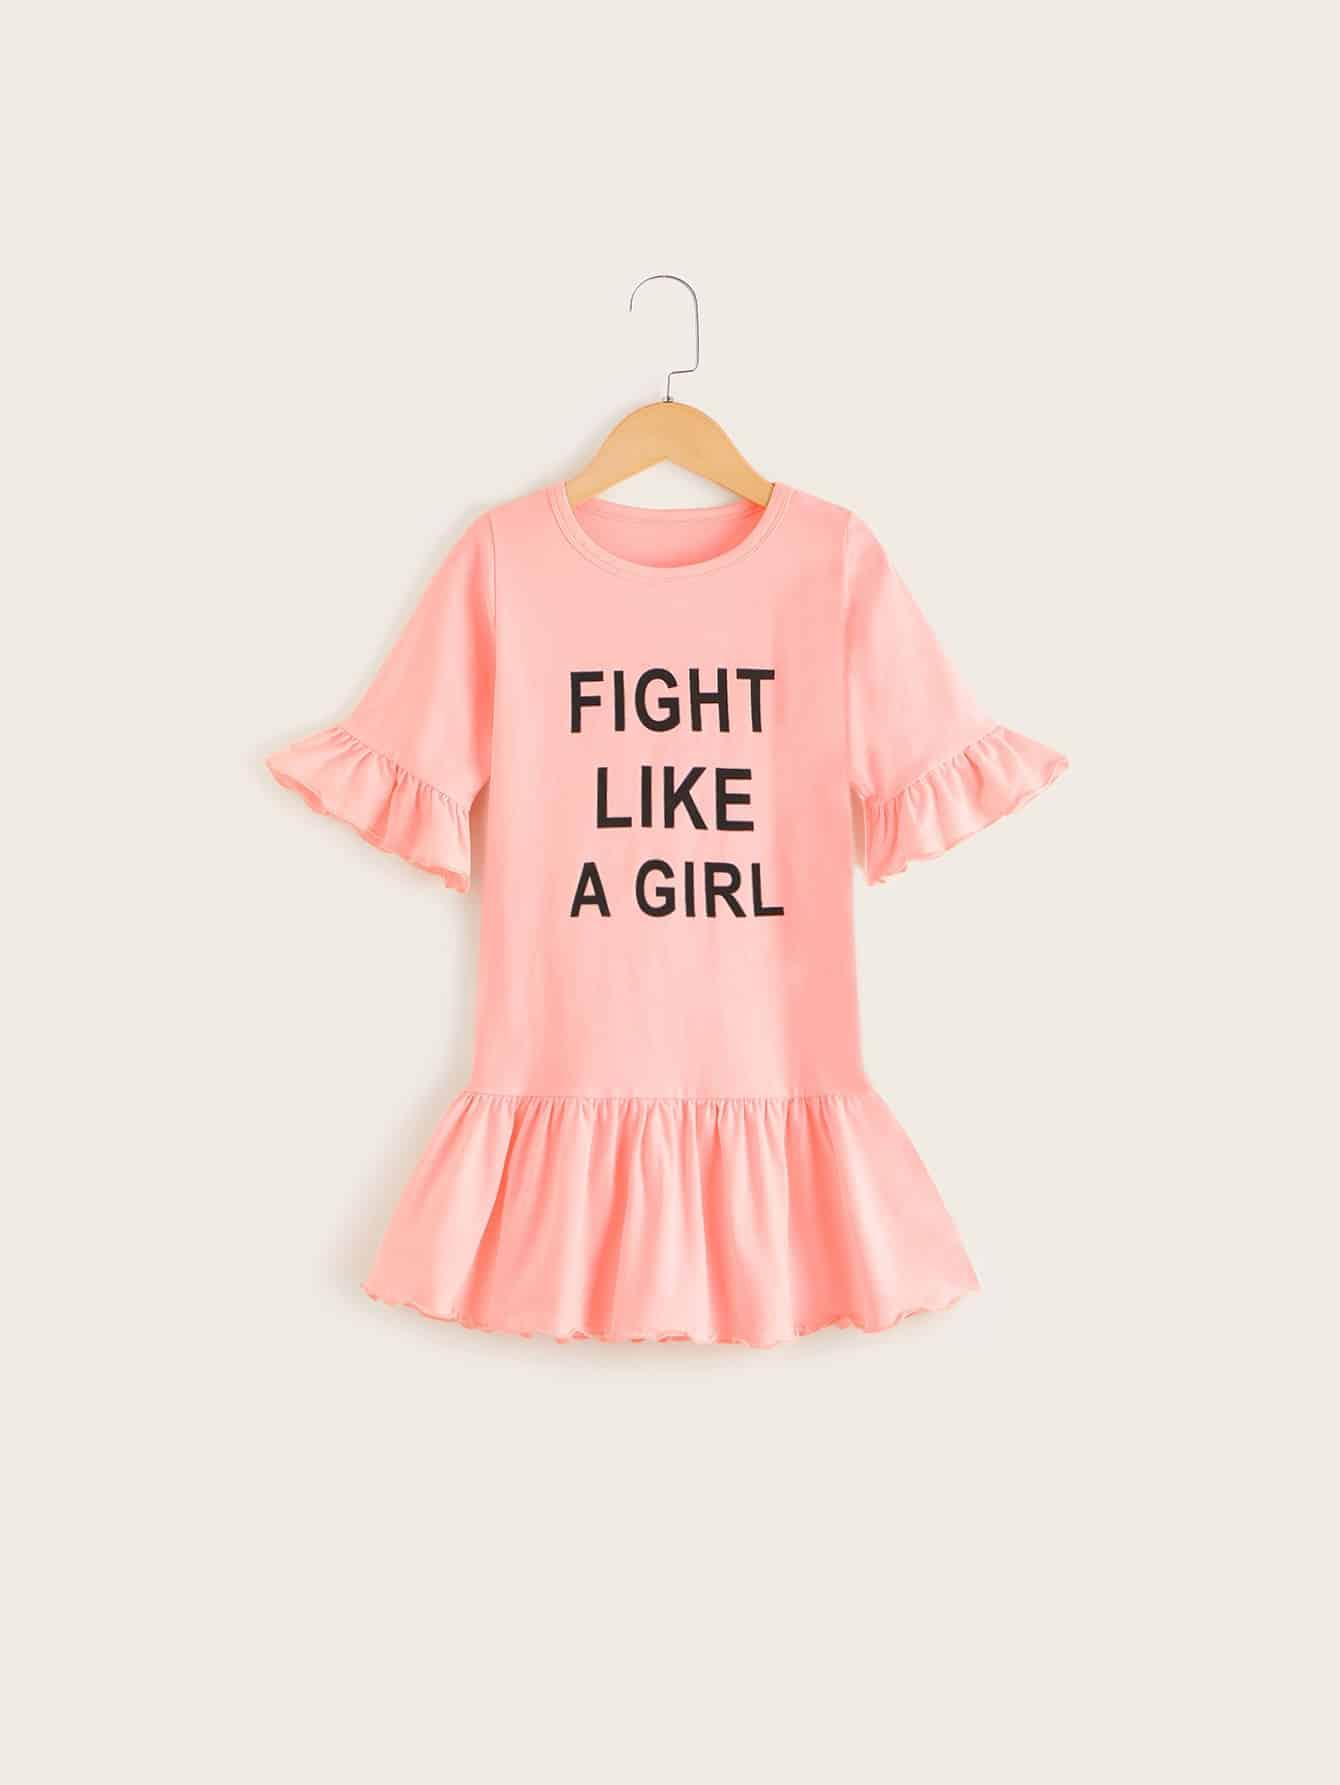 Фото - Платье-футболка с текстовым принтом для девочек от SheIn цвет розовые